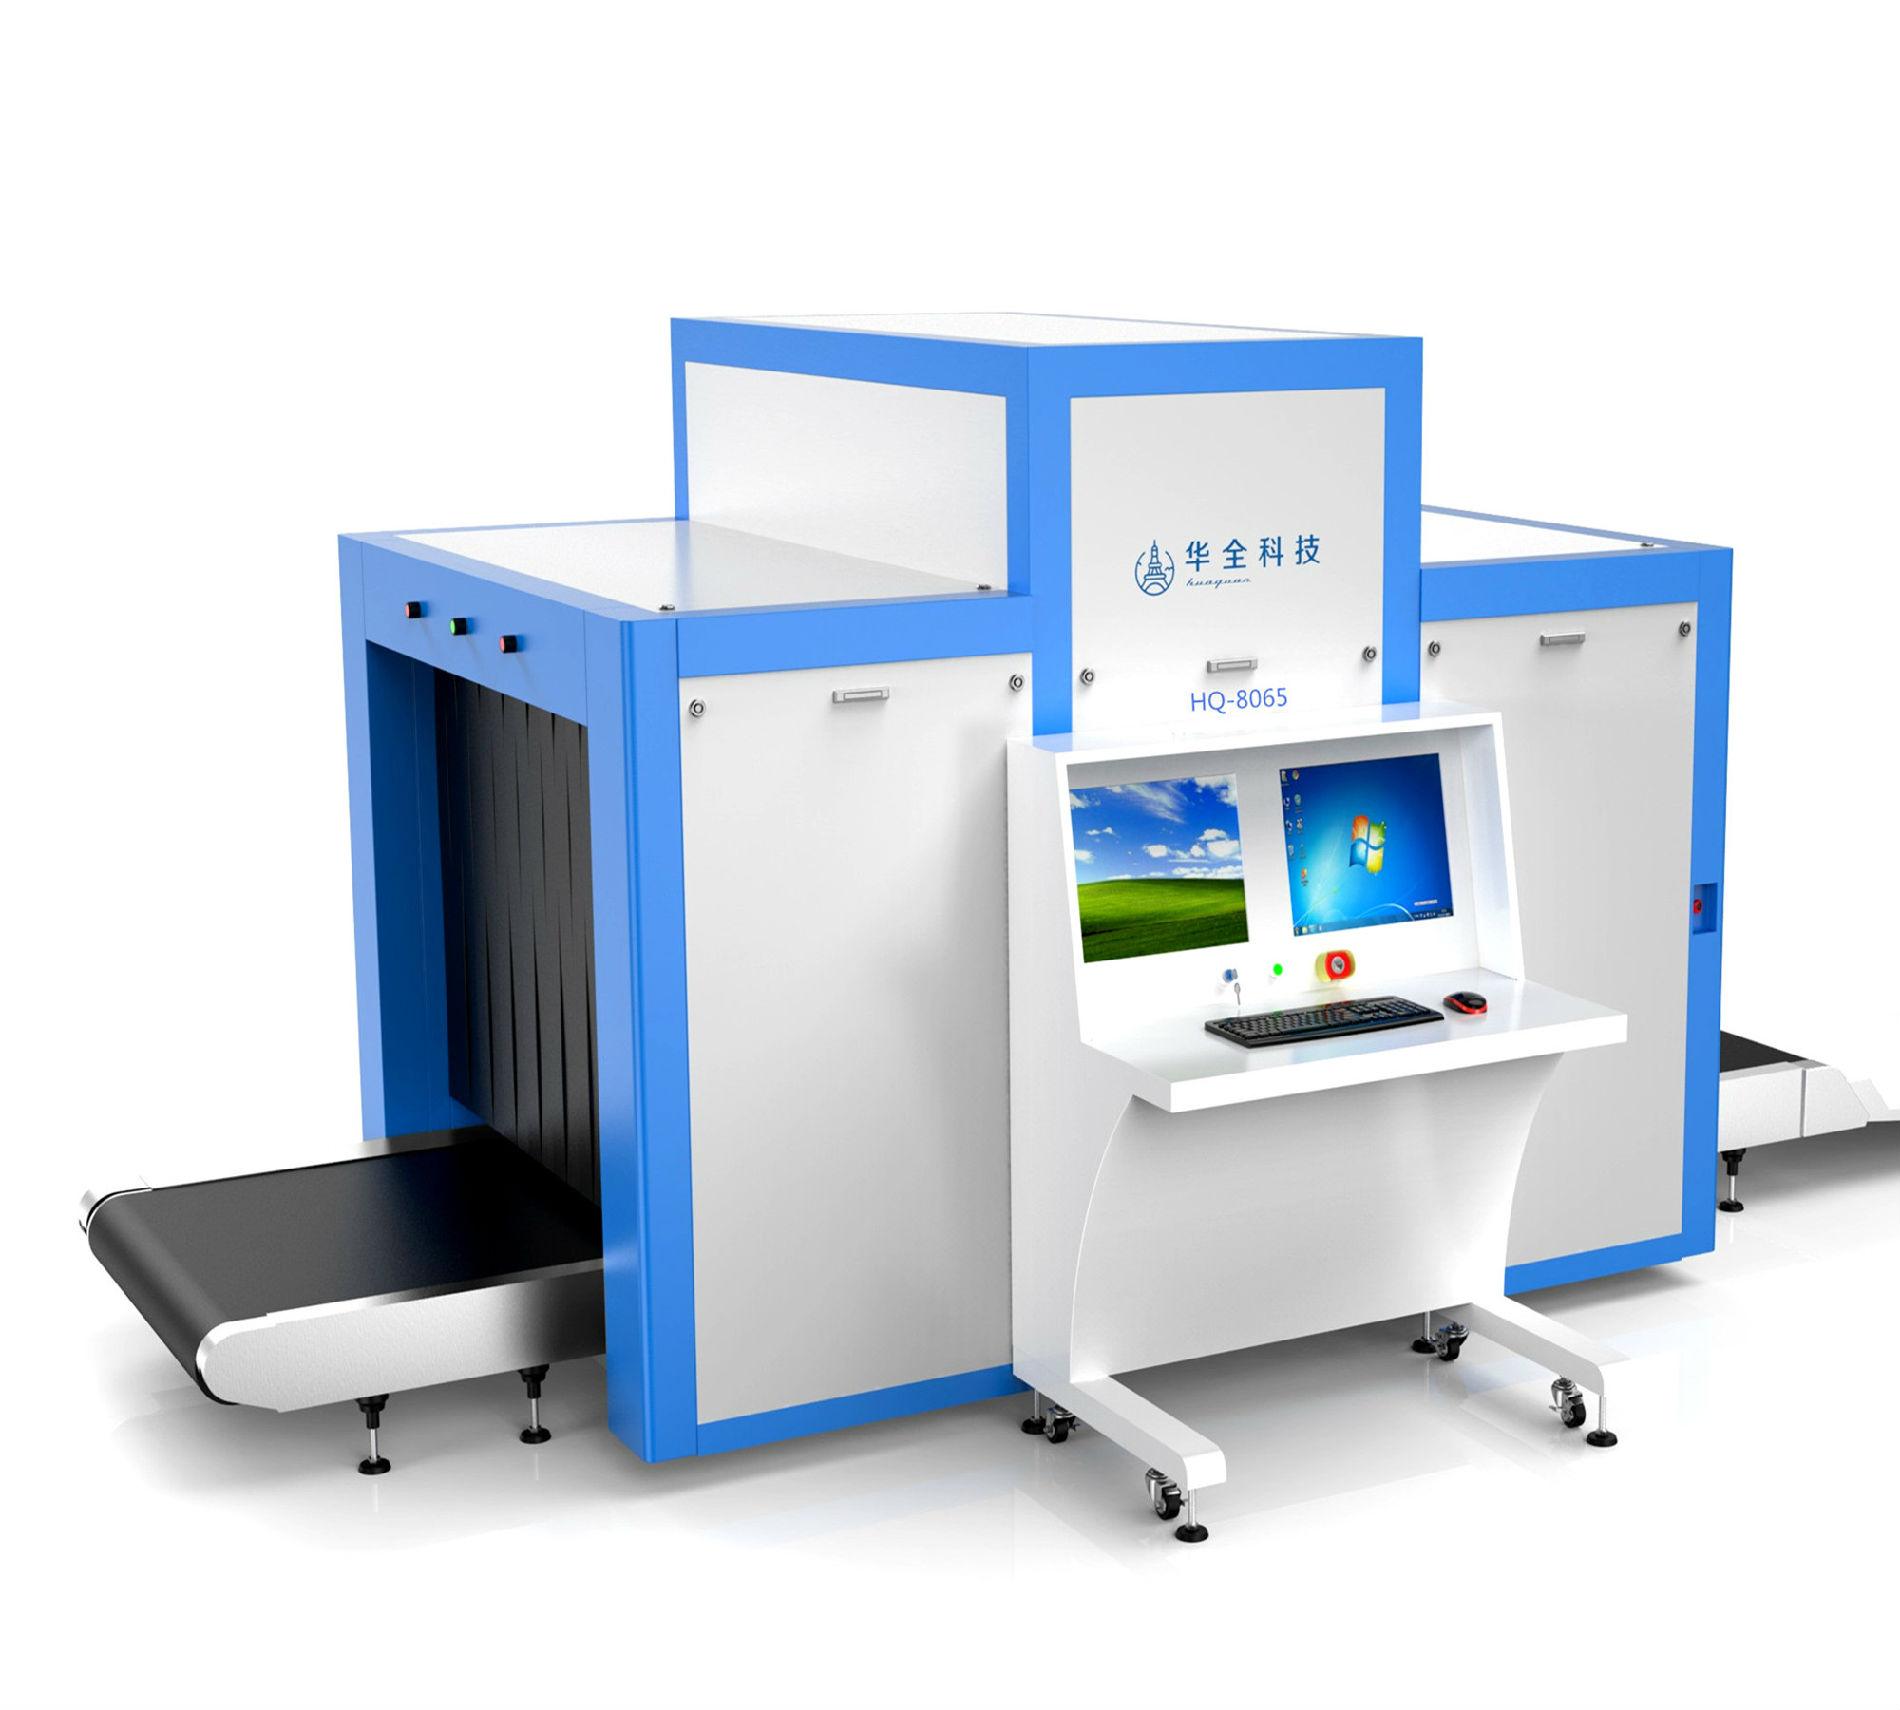 华全科技供应车站安检机8065智能X光机